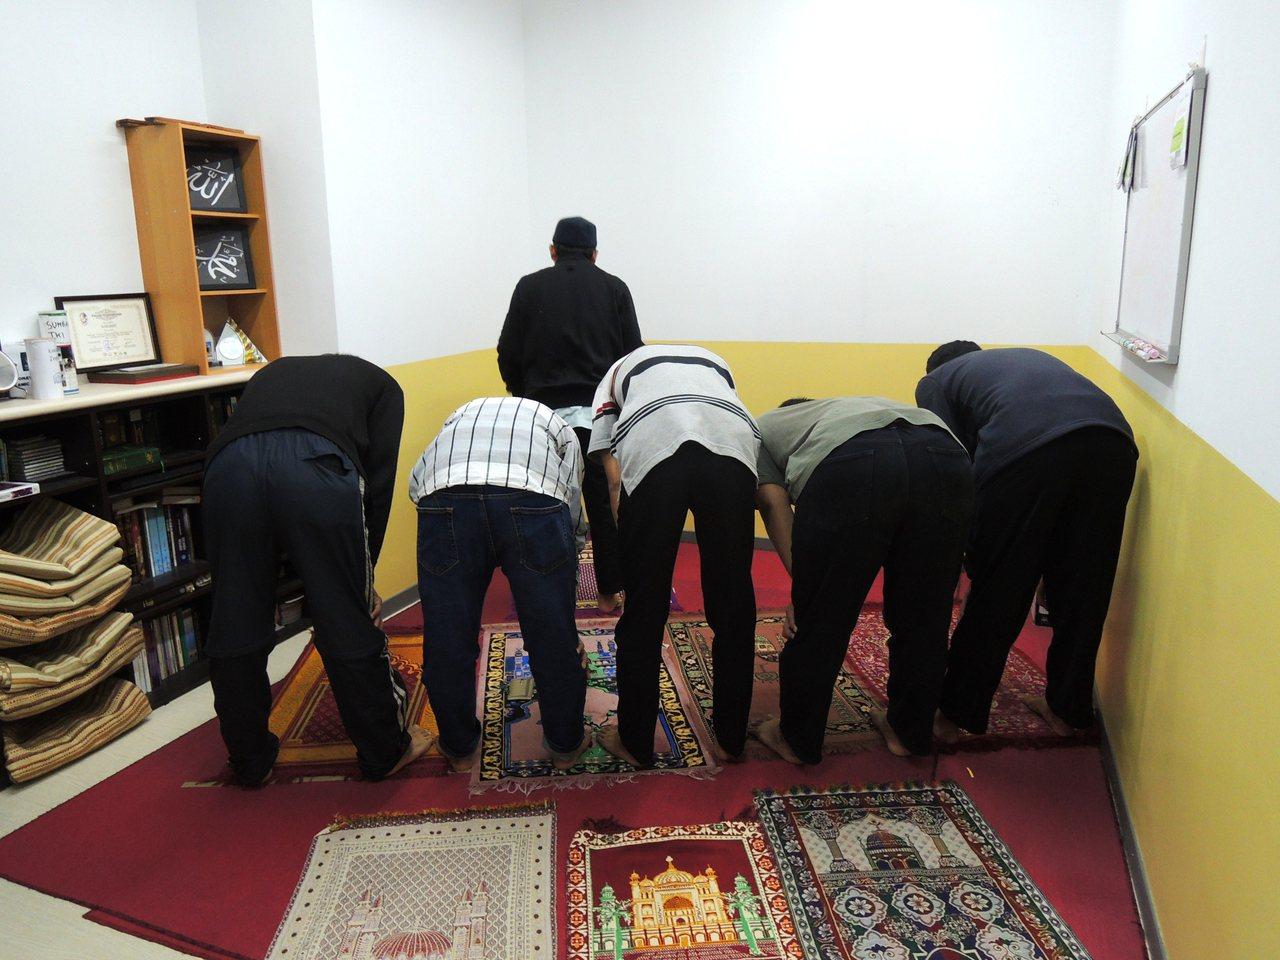 台科大為穆斯林學生專設祈禱室,讓他們從早到晚可朝麥加方向祈禱5次。記者張錦弘/攝...